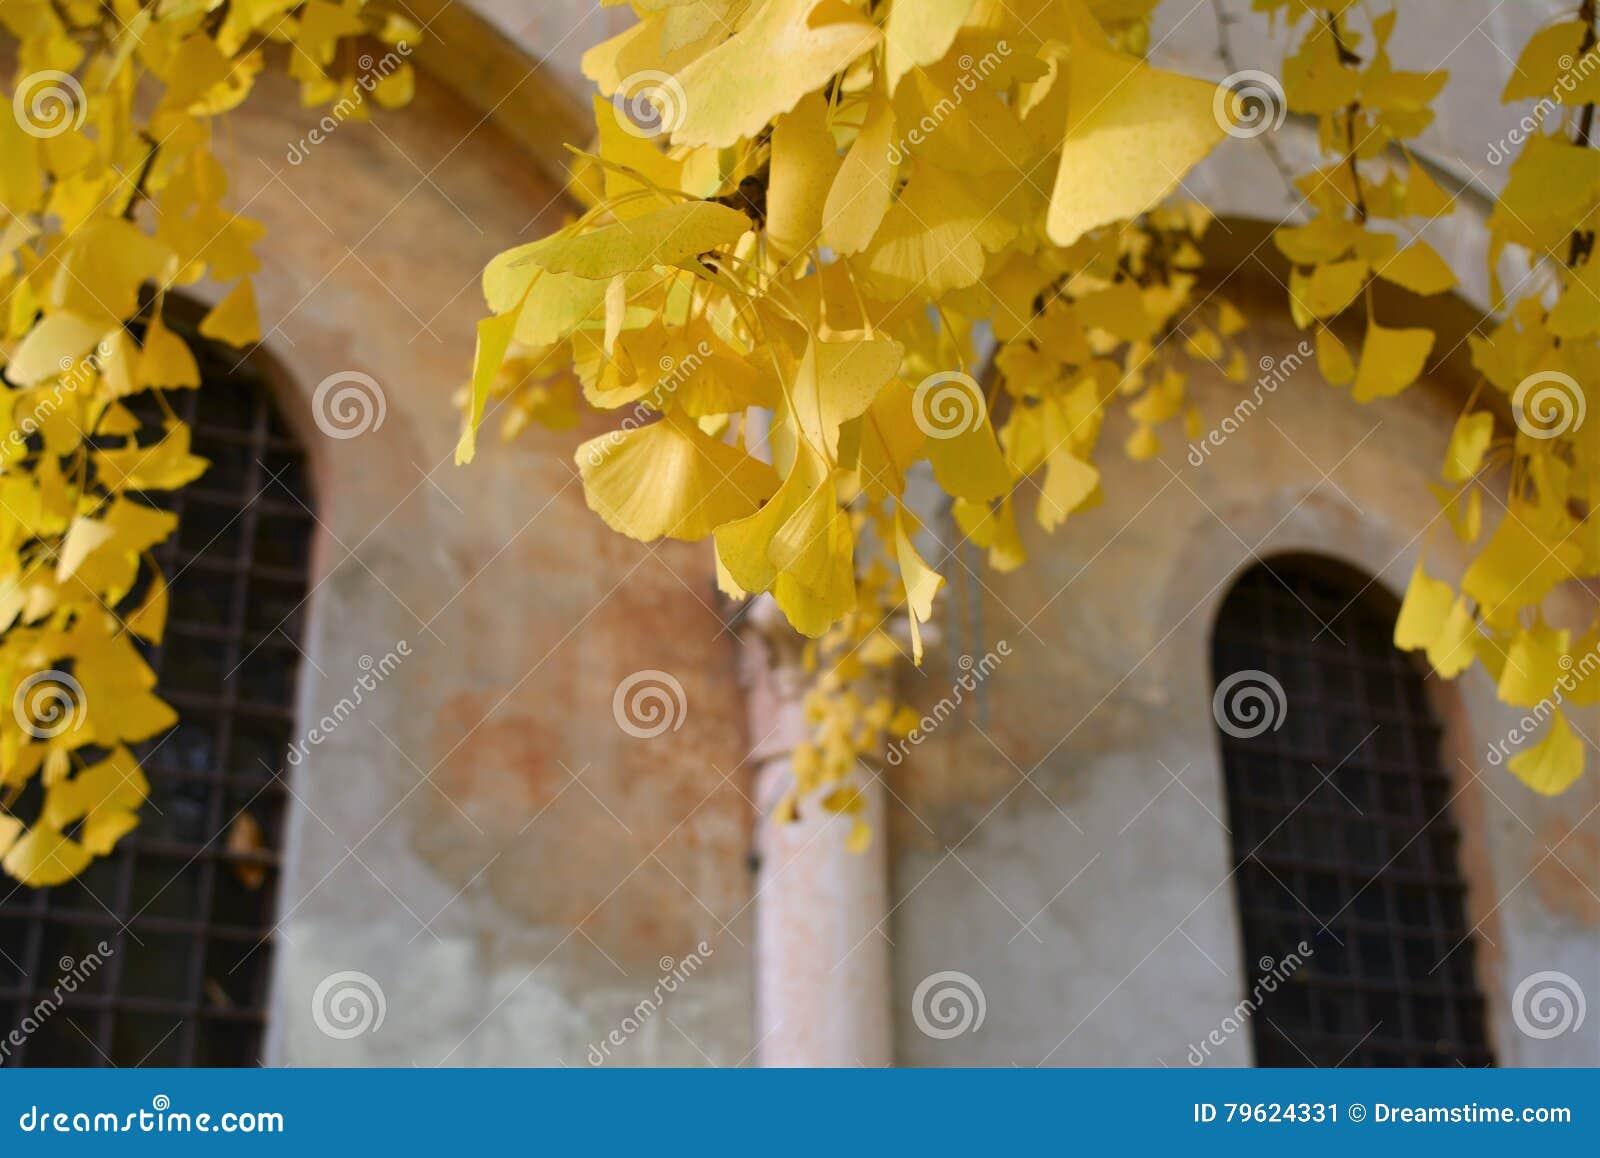 Jesienny dzień opuszczać melancholicznego kolor żółty